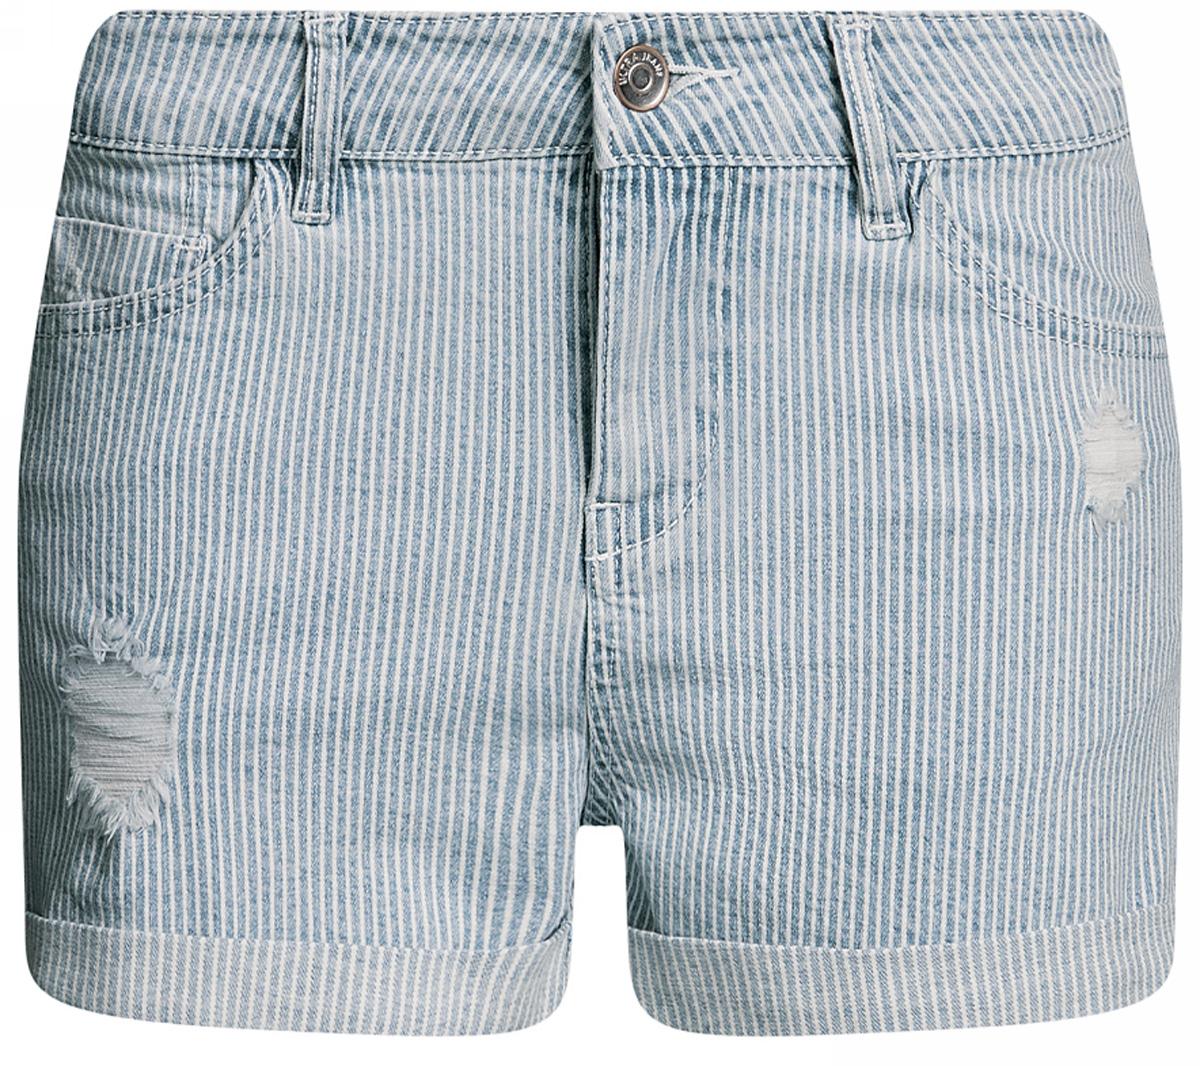 Шорты женские oodji Ultra, цвет: синий джинс. 12807081/46655/7500W. Размер 27 (44)12807081/46655/7500WШорты джинсовые с отворотами oodji выполнены из высококачественного материала на основе хлопка. Шорты застегиваются на пуговицу в поясе и ширинку на застежке-молнии, дополнены шлевками для ремня. Спереди модель дополнена двумя втачными карманами, одним маленьким накладным, а сзади - двумя накладными карманами.